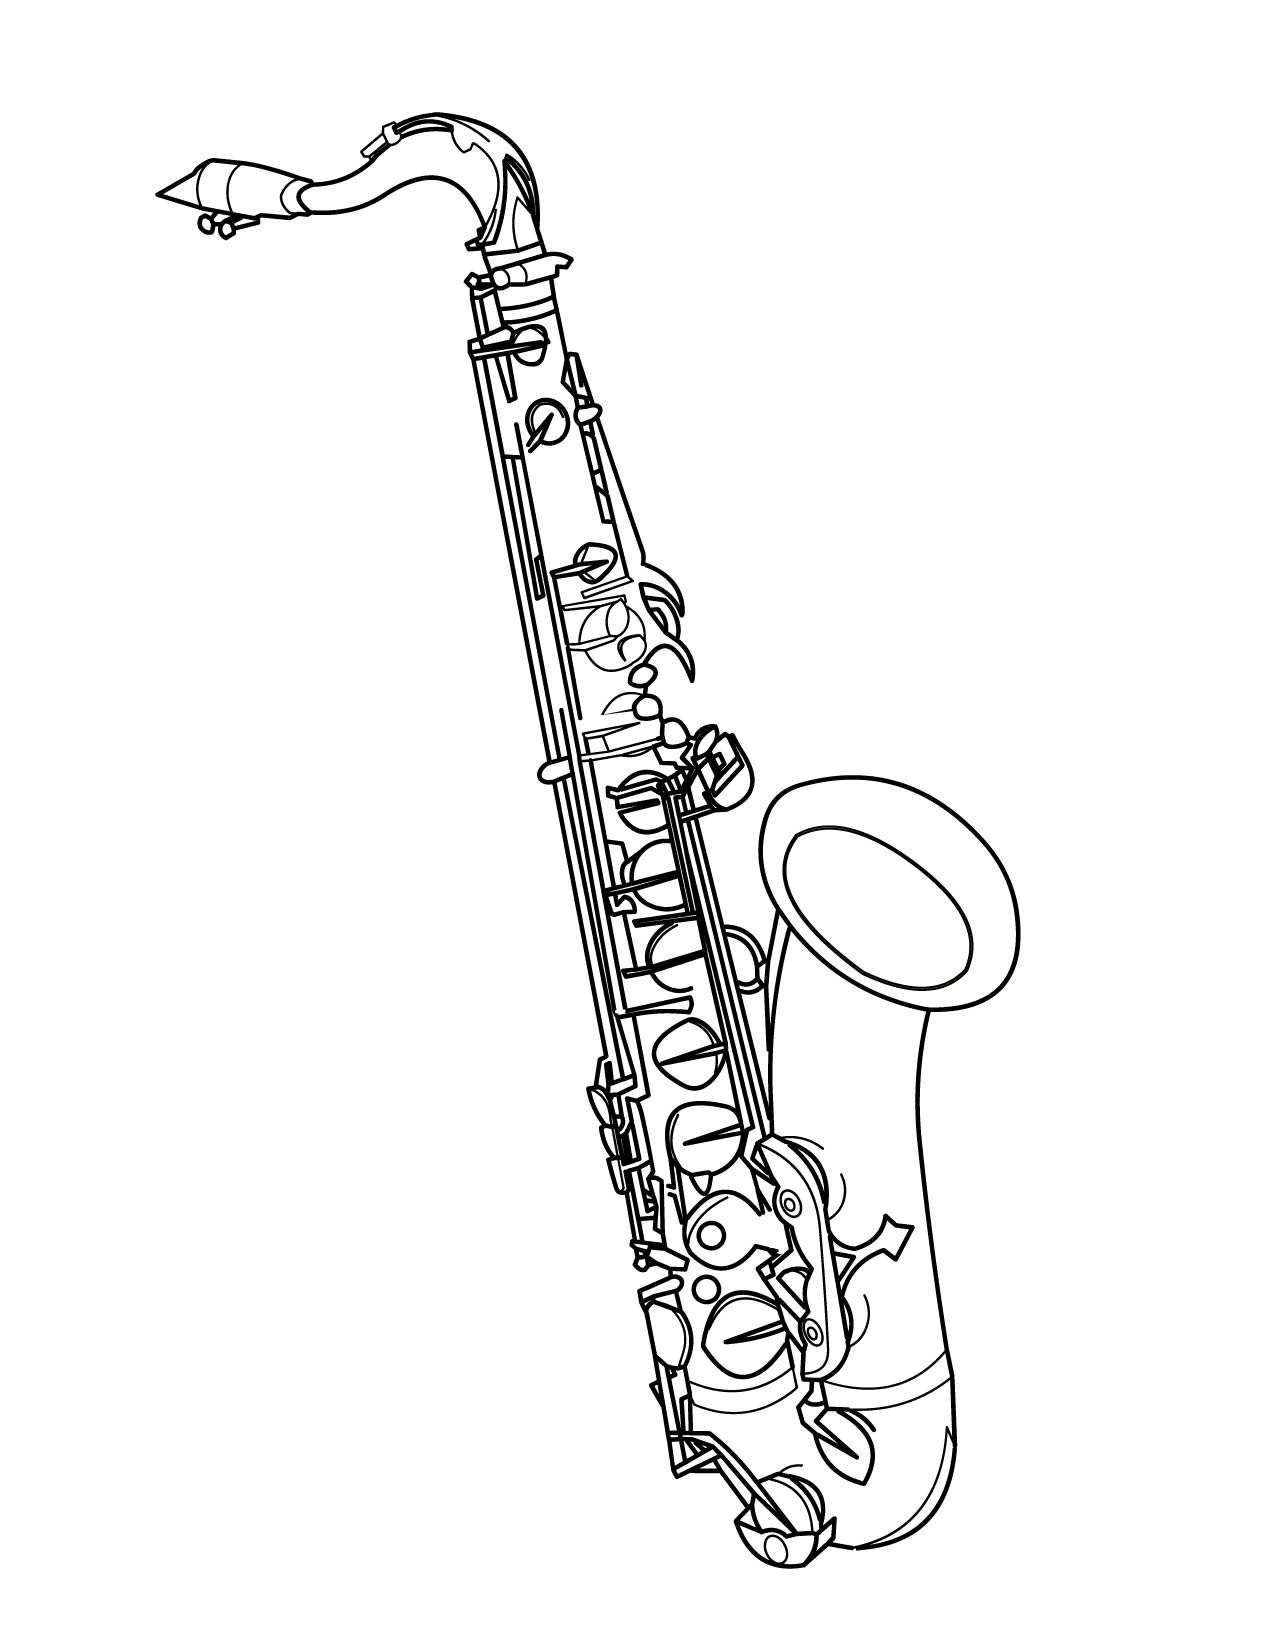 1275x1650 Tenor Saxophone Drawings